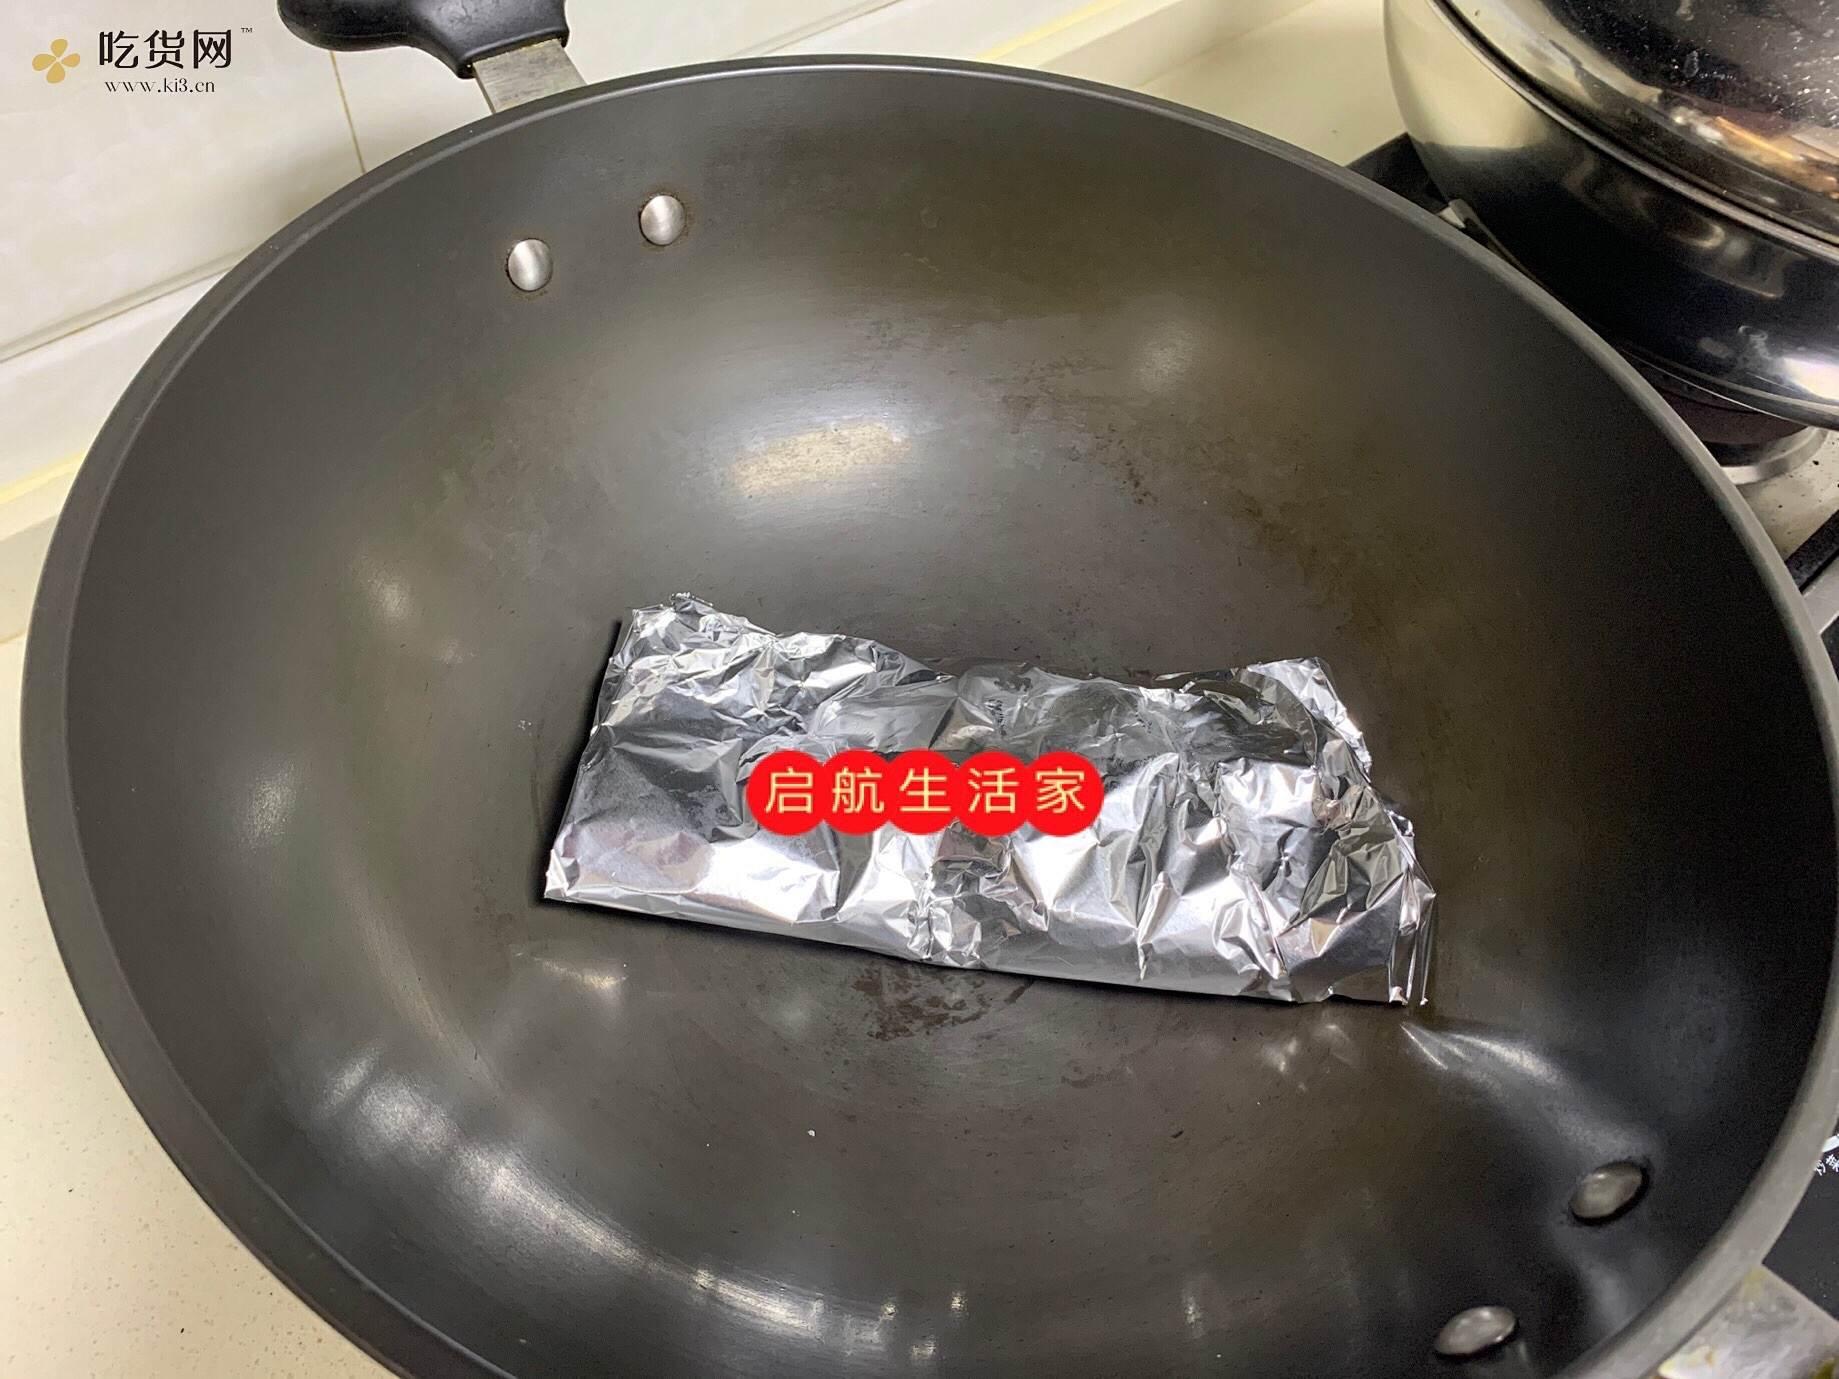 减肥餐,藜麦鸡胸沙拉的做法 步骤5